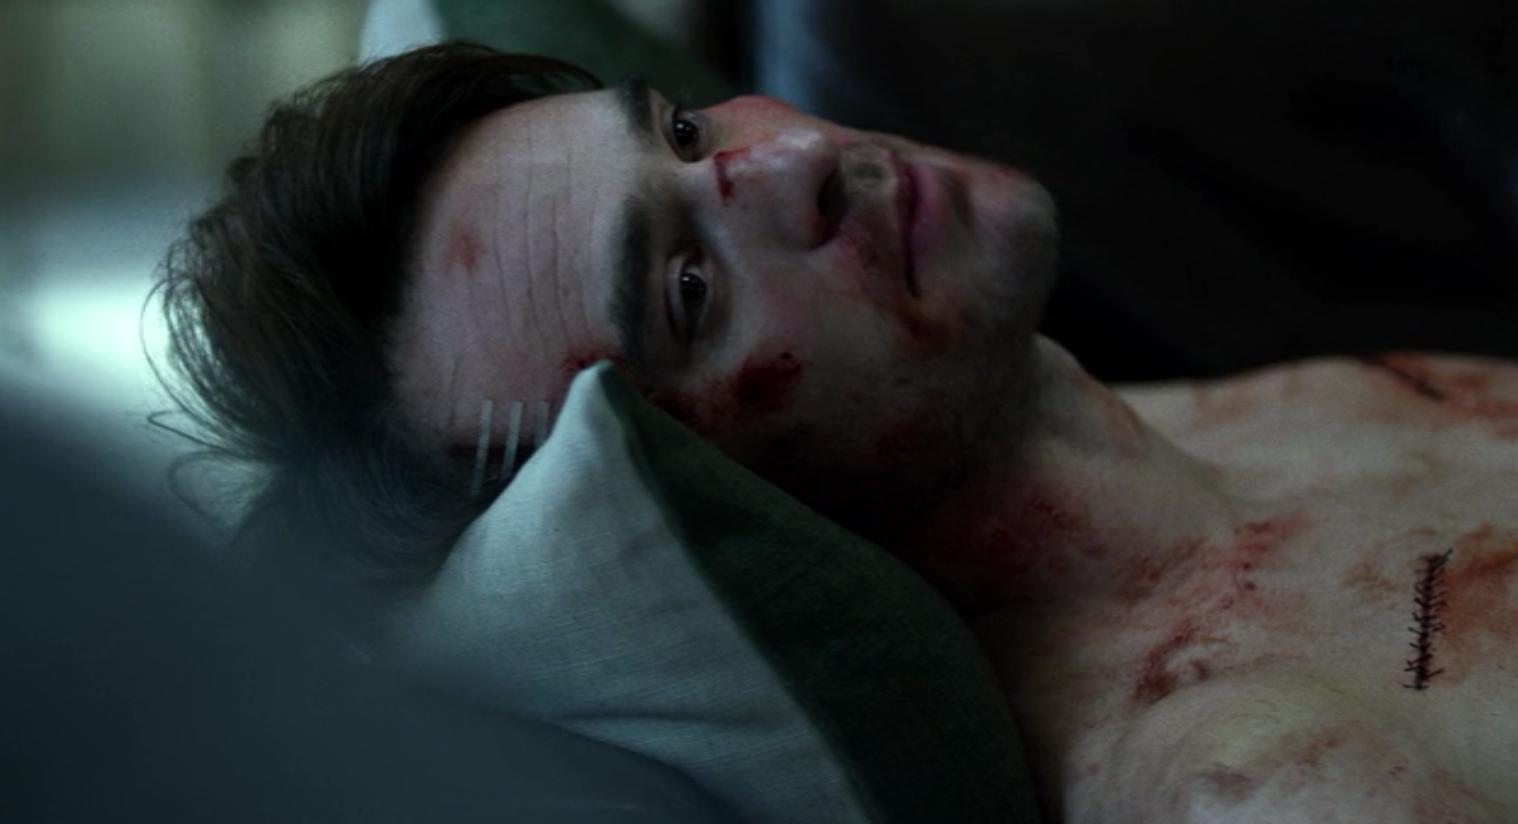 【2015美劇推薦】《Daredevil:夜魔俠》第一季第十集至完結篇影評:扣人心弦的對手戲! - 黑咖啡聊美劇